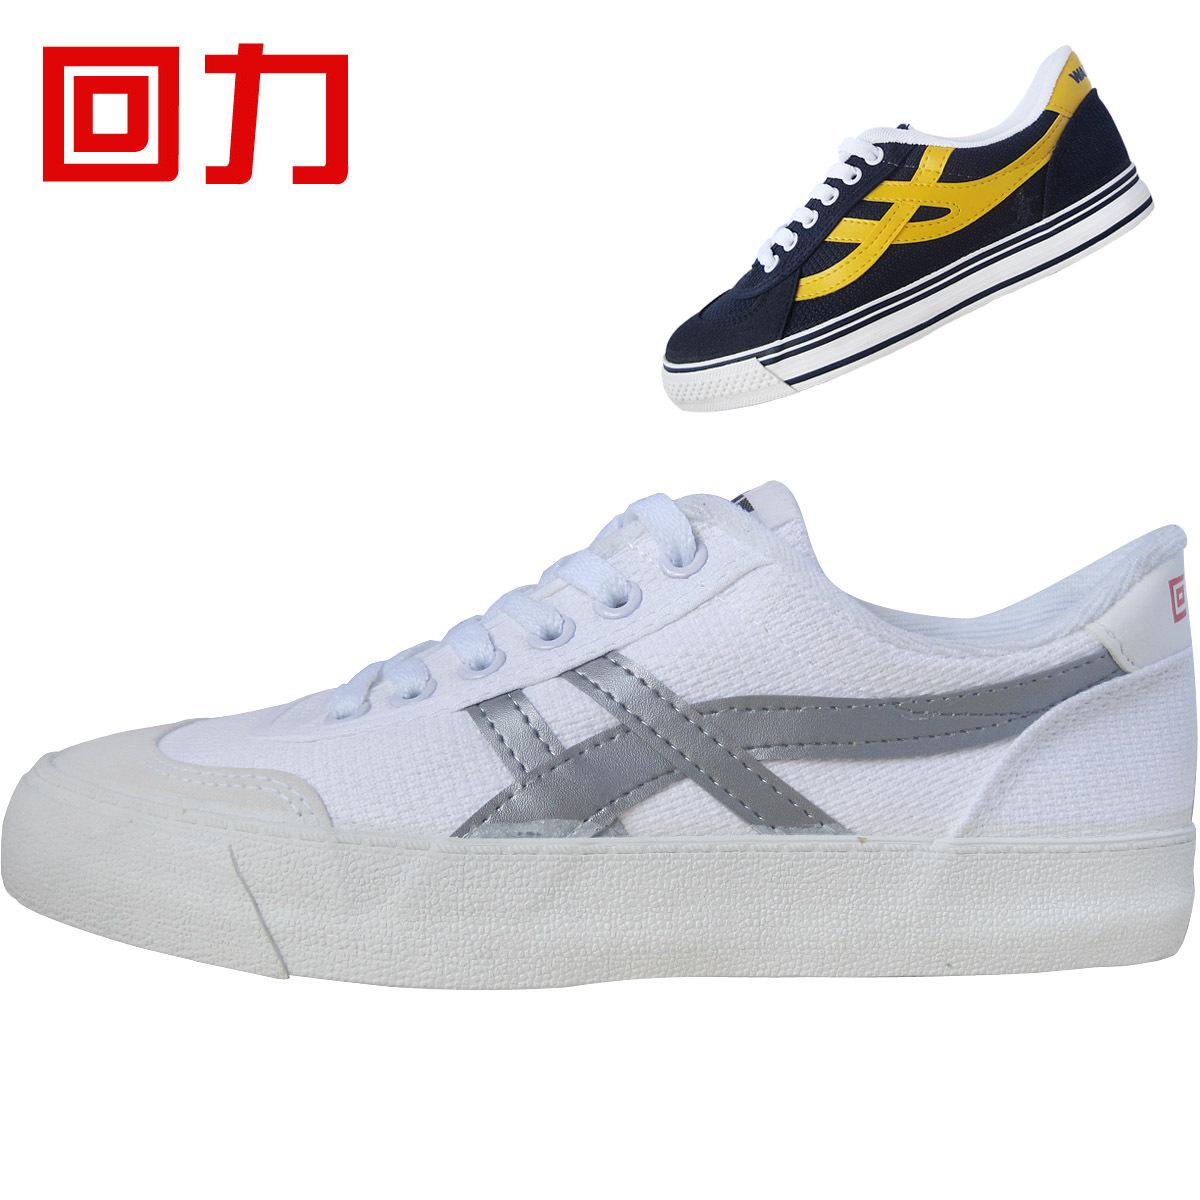 正品国货 经典回力鞋 网球鞋 男鞋女鞋 帆布鞋运动鞋 透气轻便潮